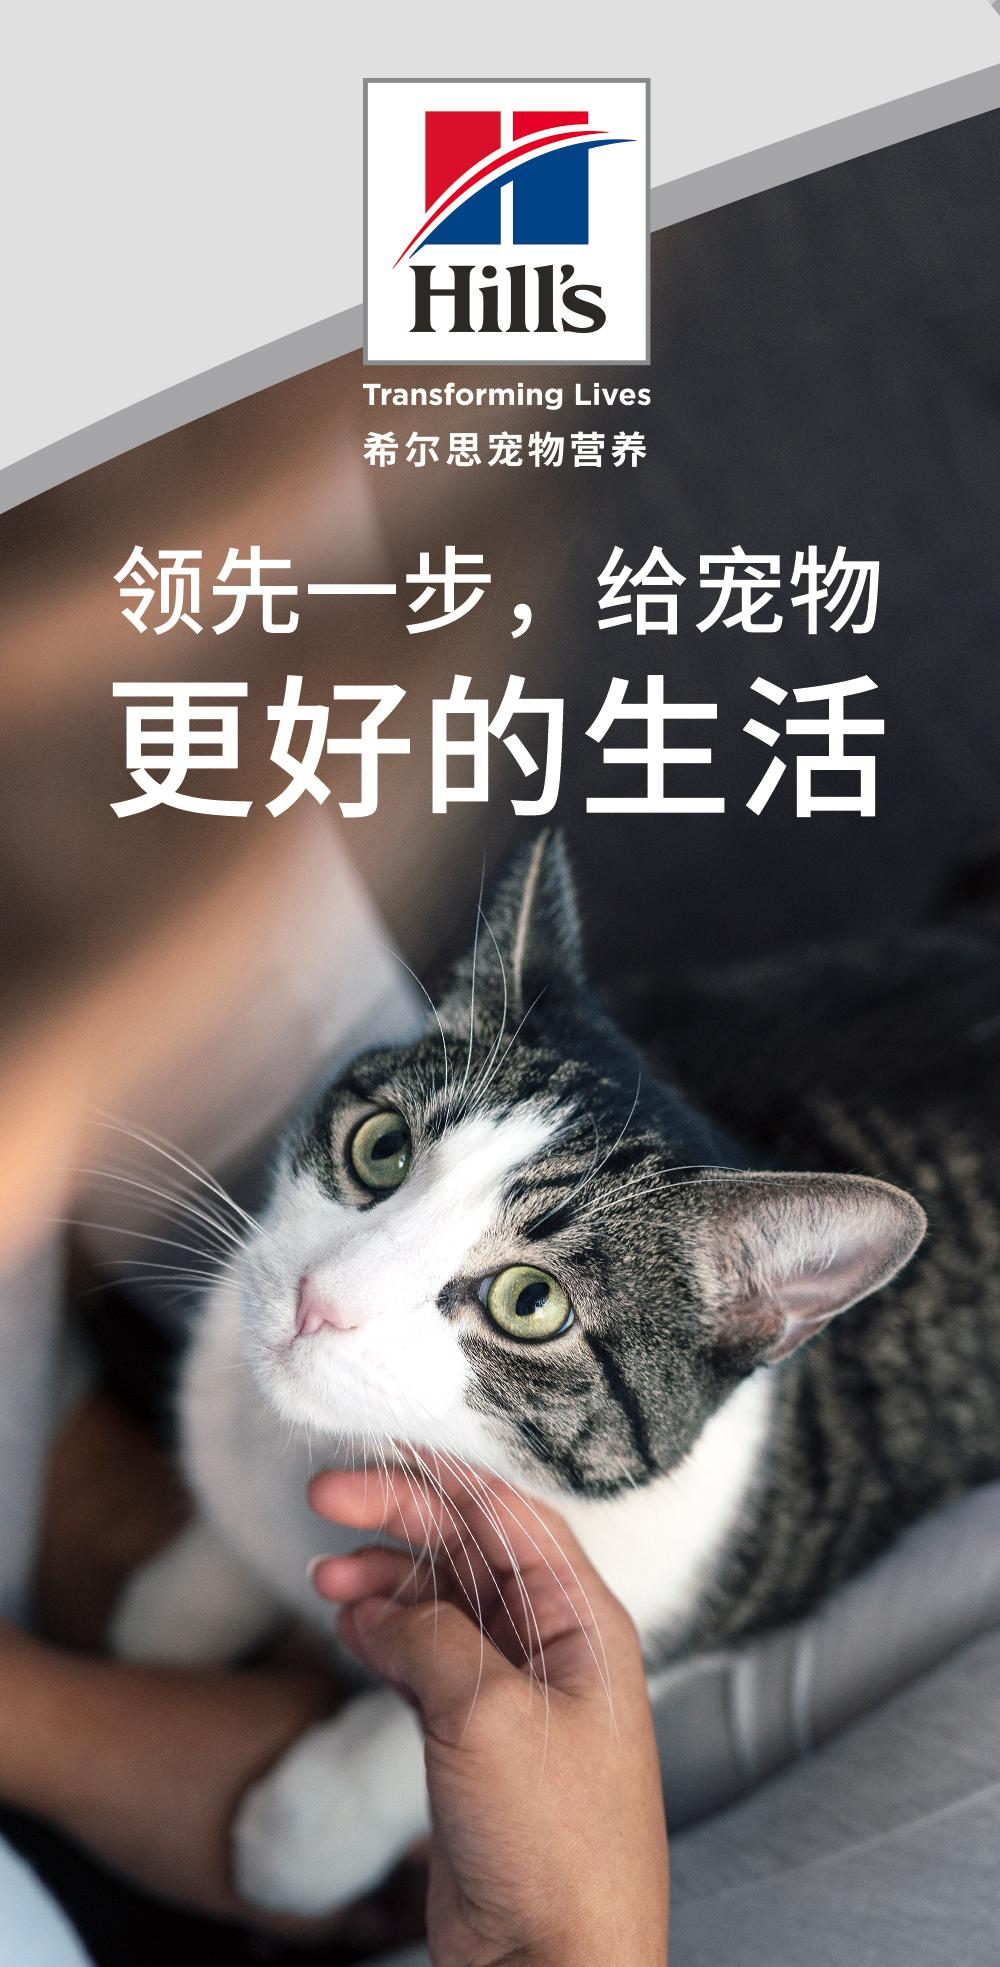 高端进口宠物品牌希尔思亮相2020上海亚宠展,好玩活动等你来